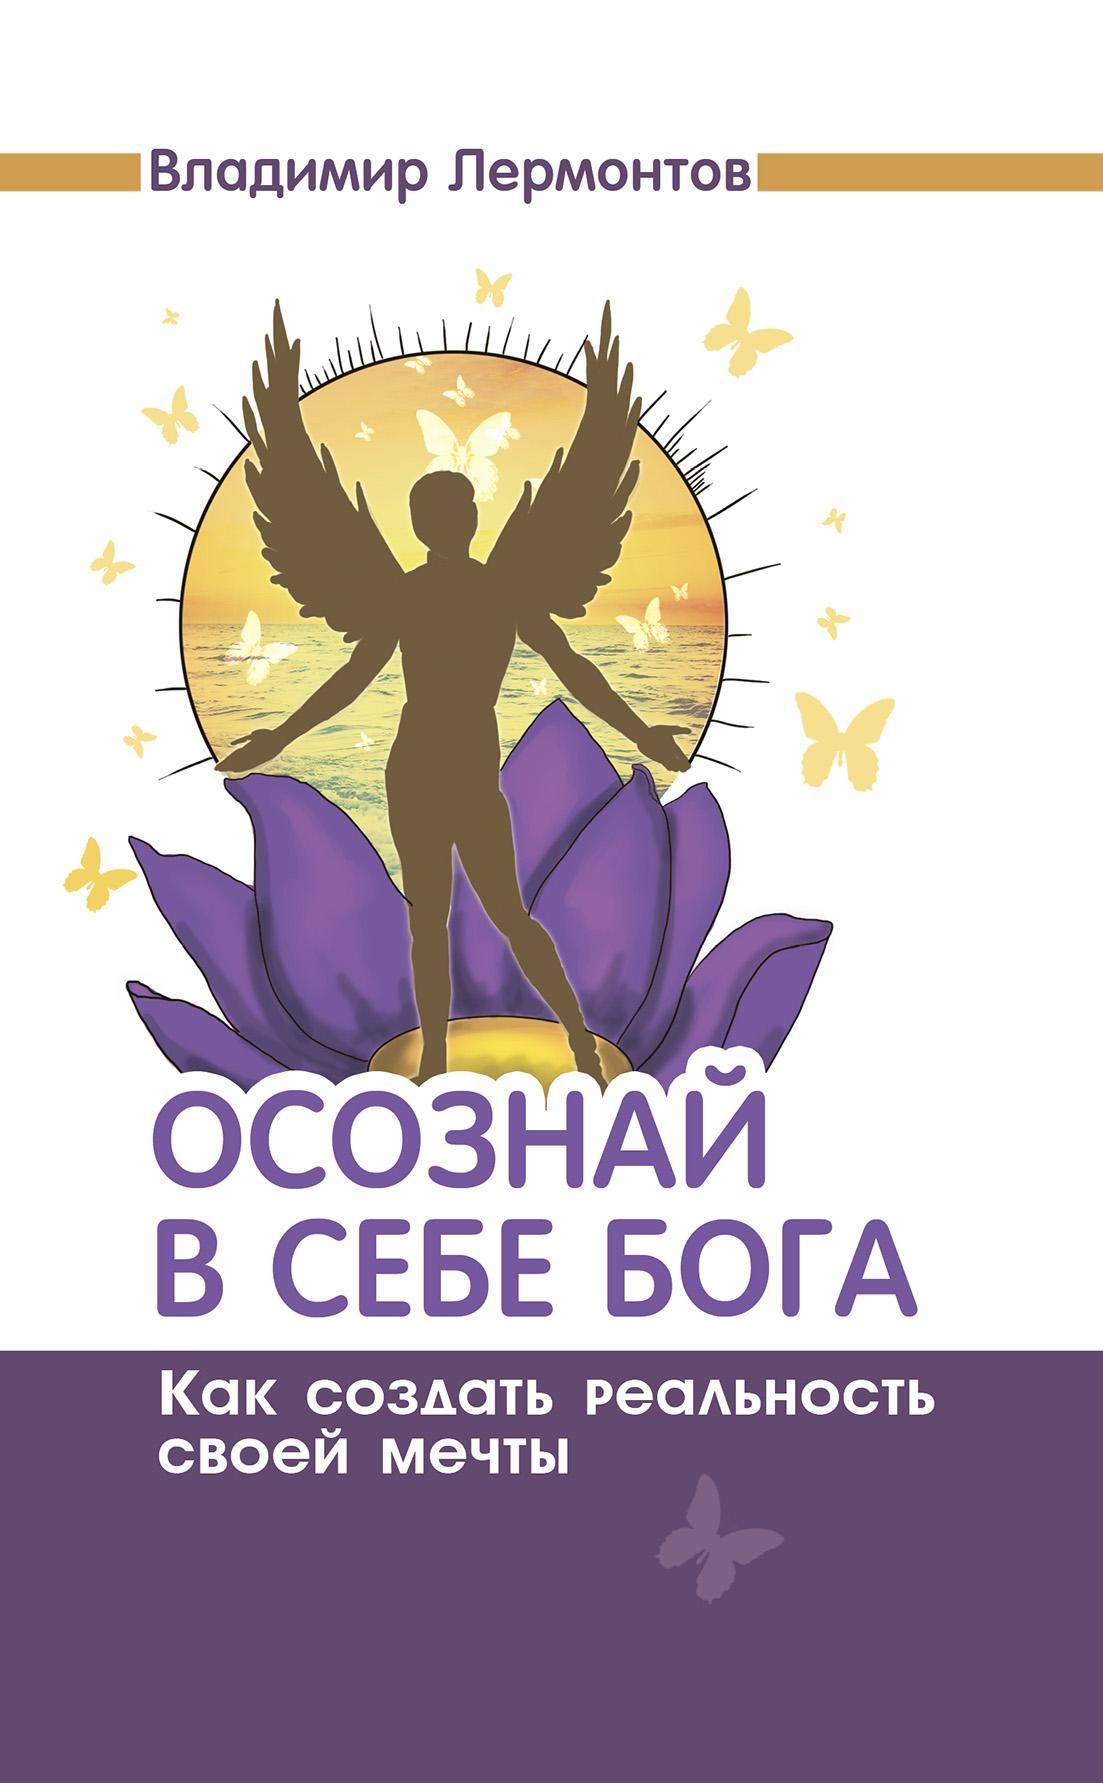 Владимир Лермонтов Осознай в себе Бога. Как создать реальность своей мечты осознай в себе бога как создать реальность своей мечты 2 е изд page 5